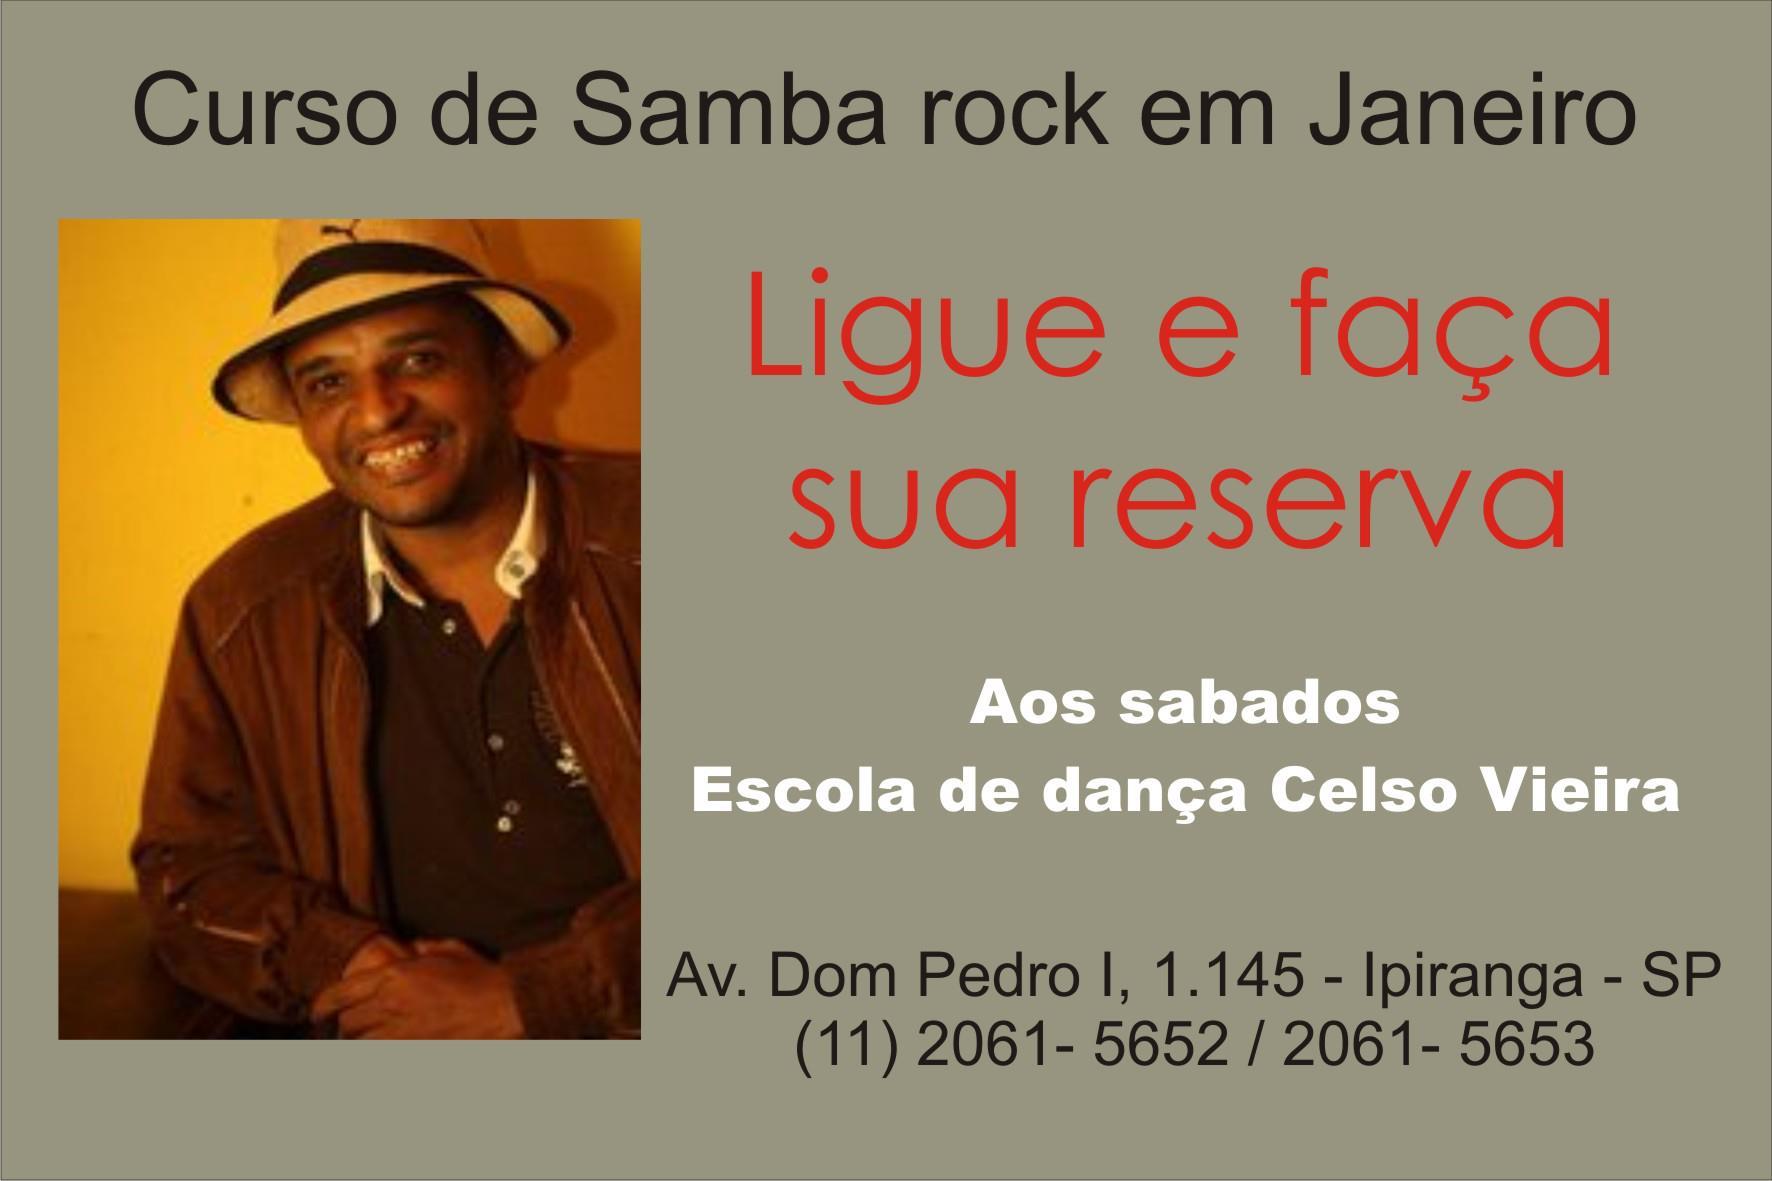 Curso de samba rock em janeiro com o professor Moskito